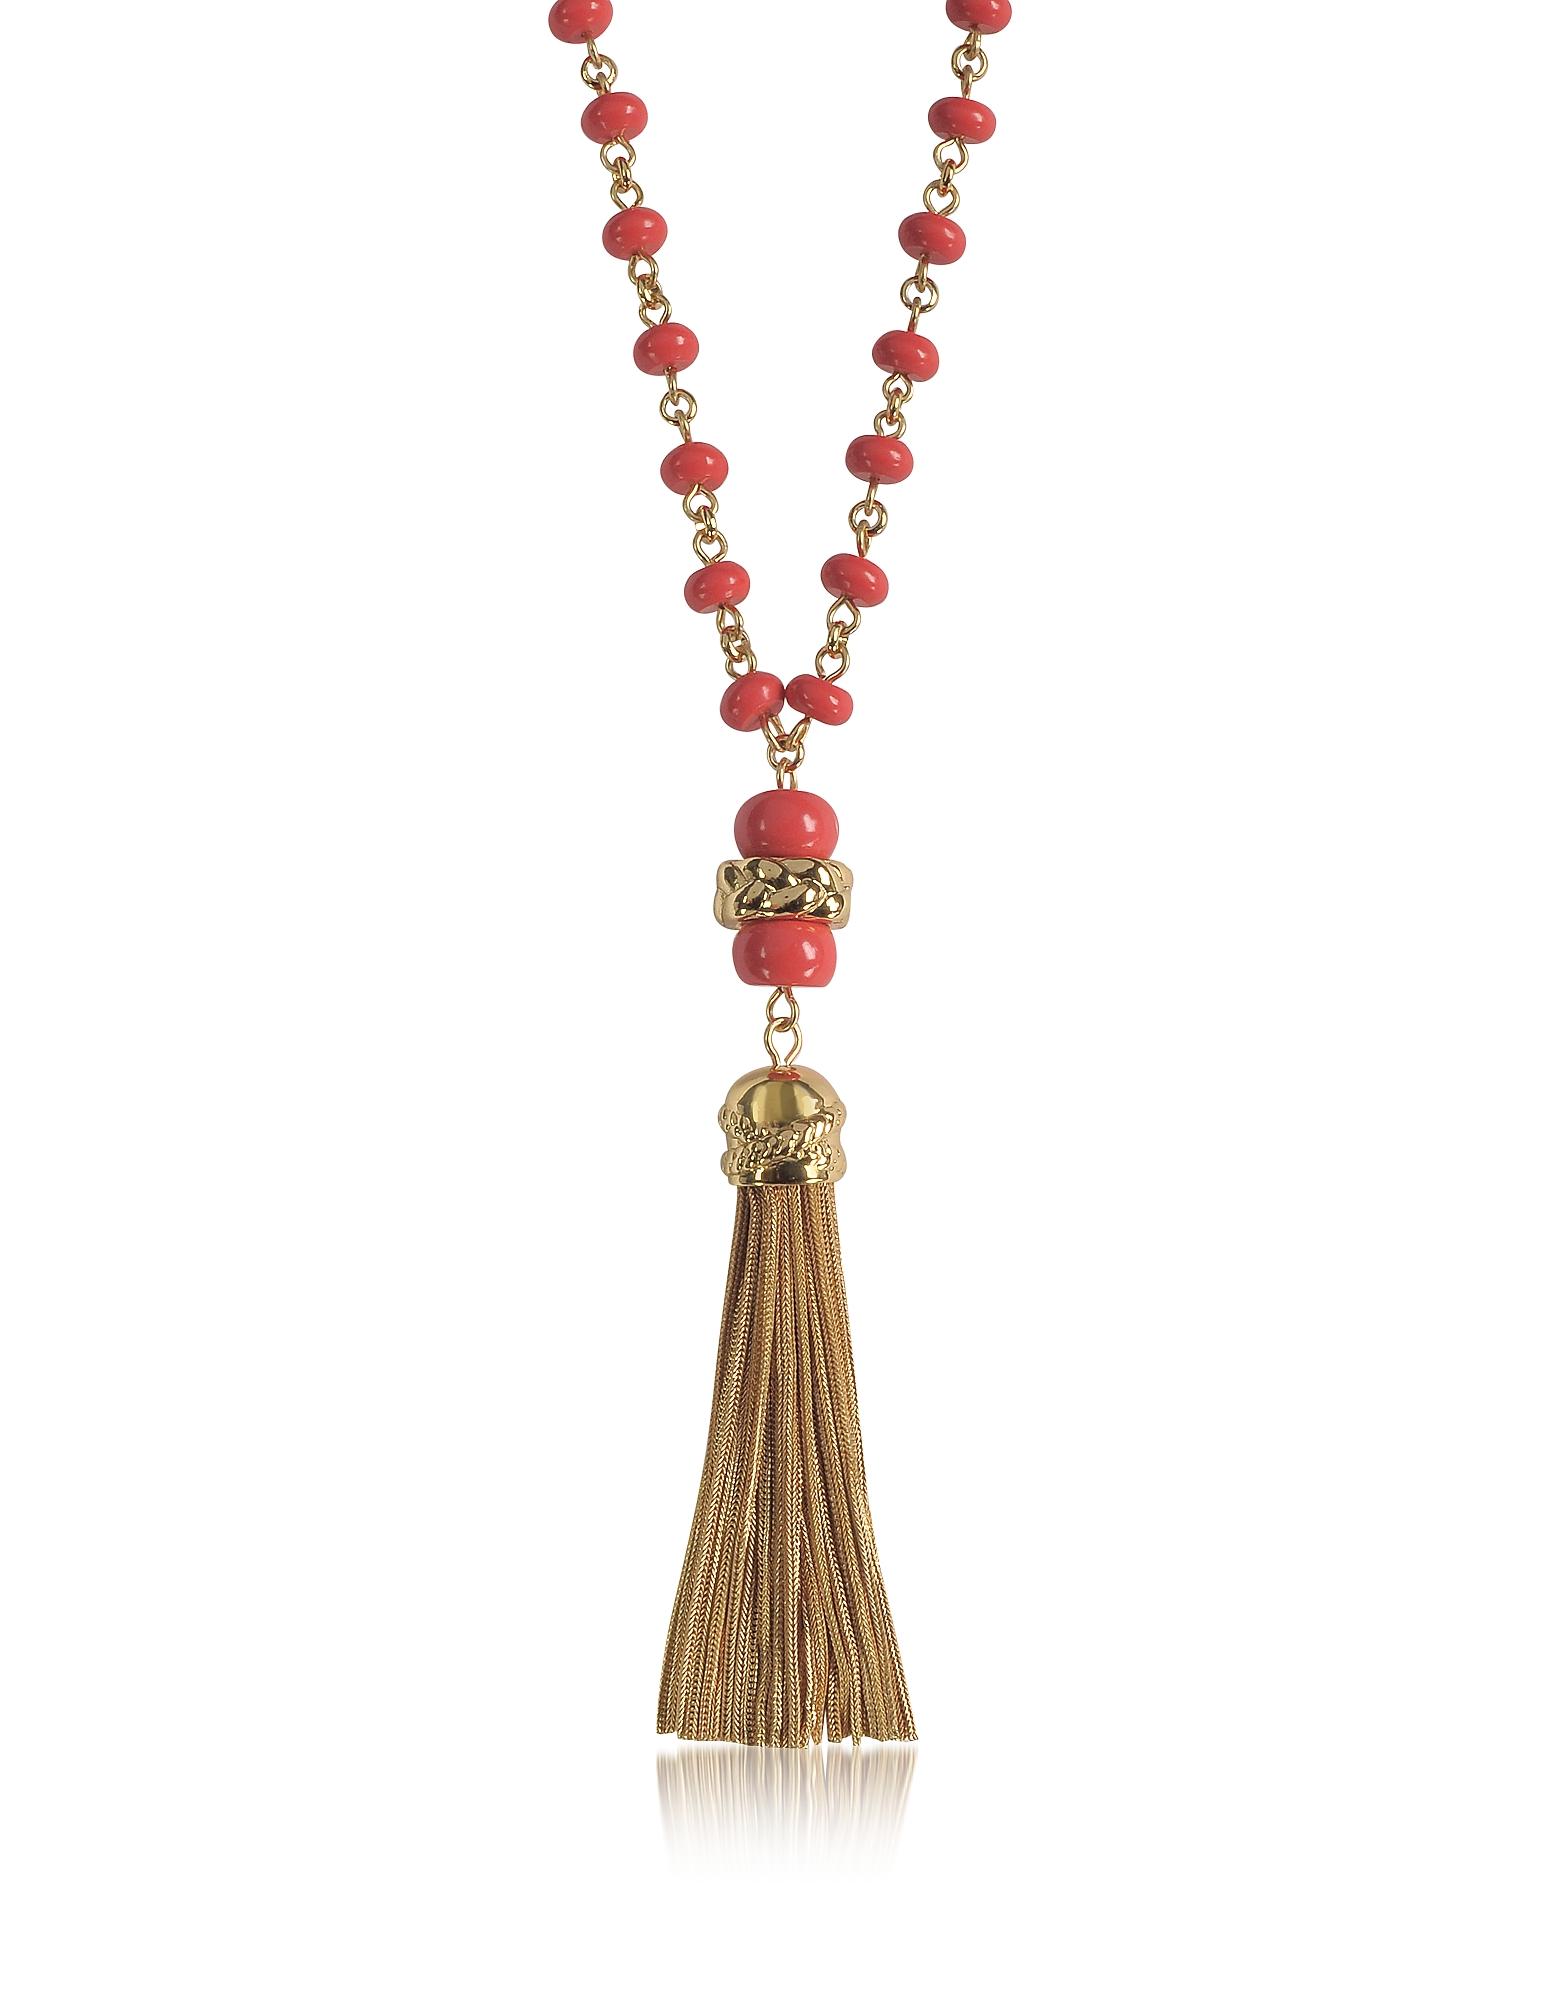 Длинное Ожерелье с Кисточкой и Кораллово-Красными Бусинками